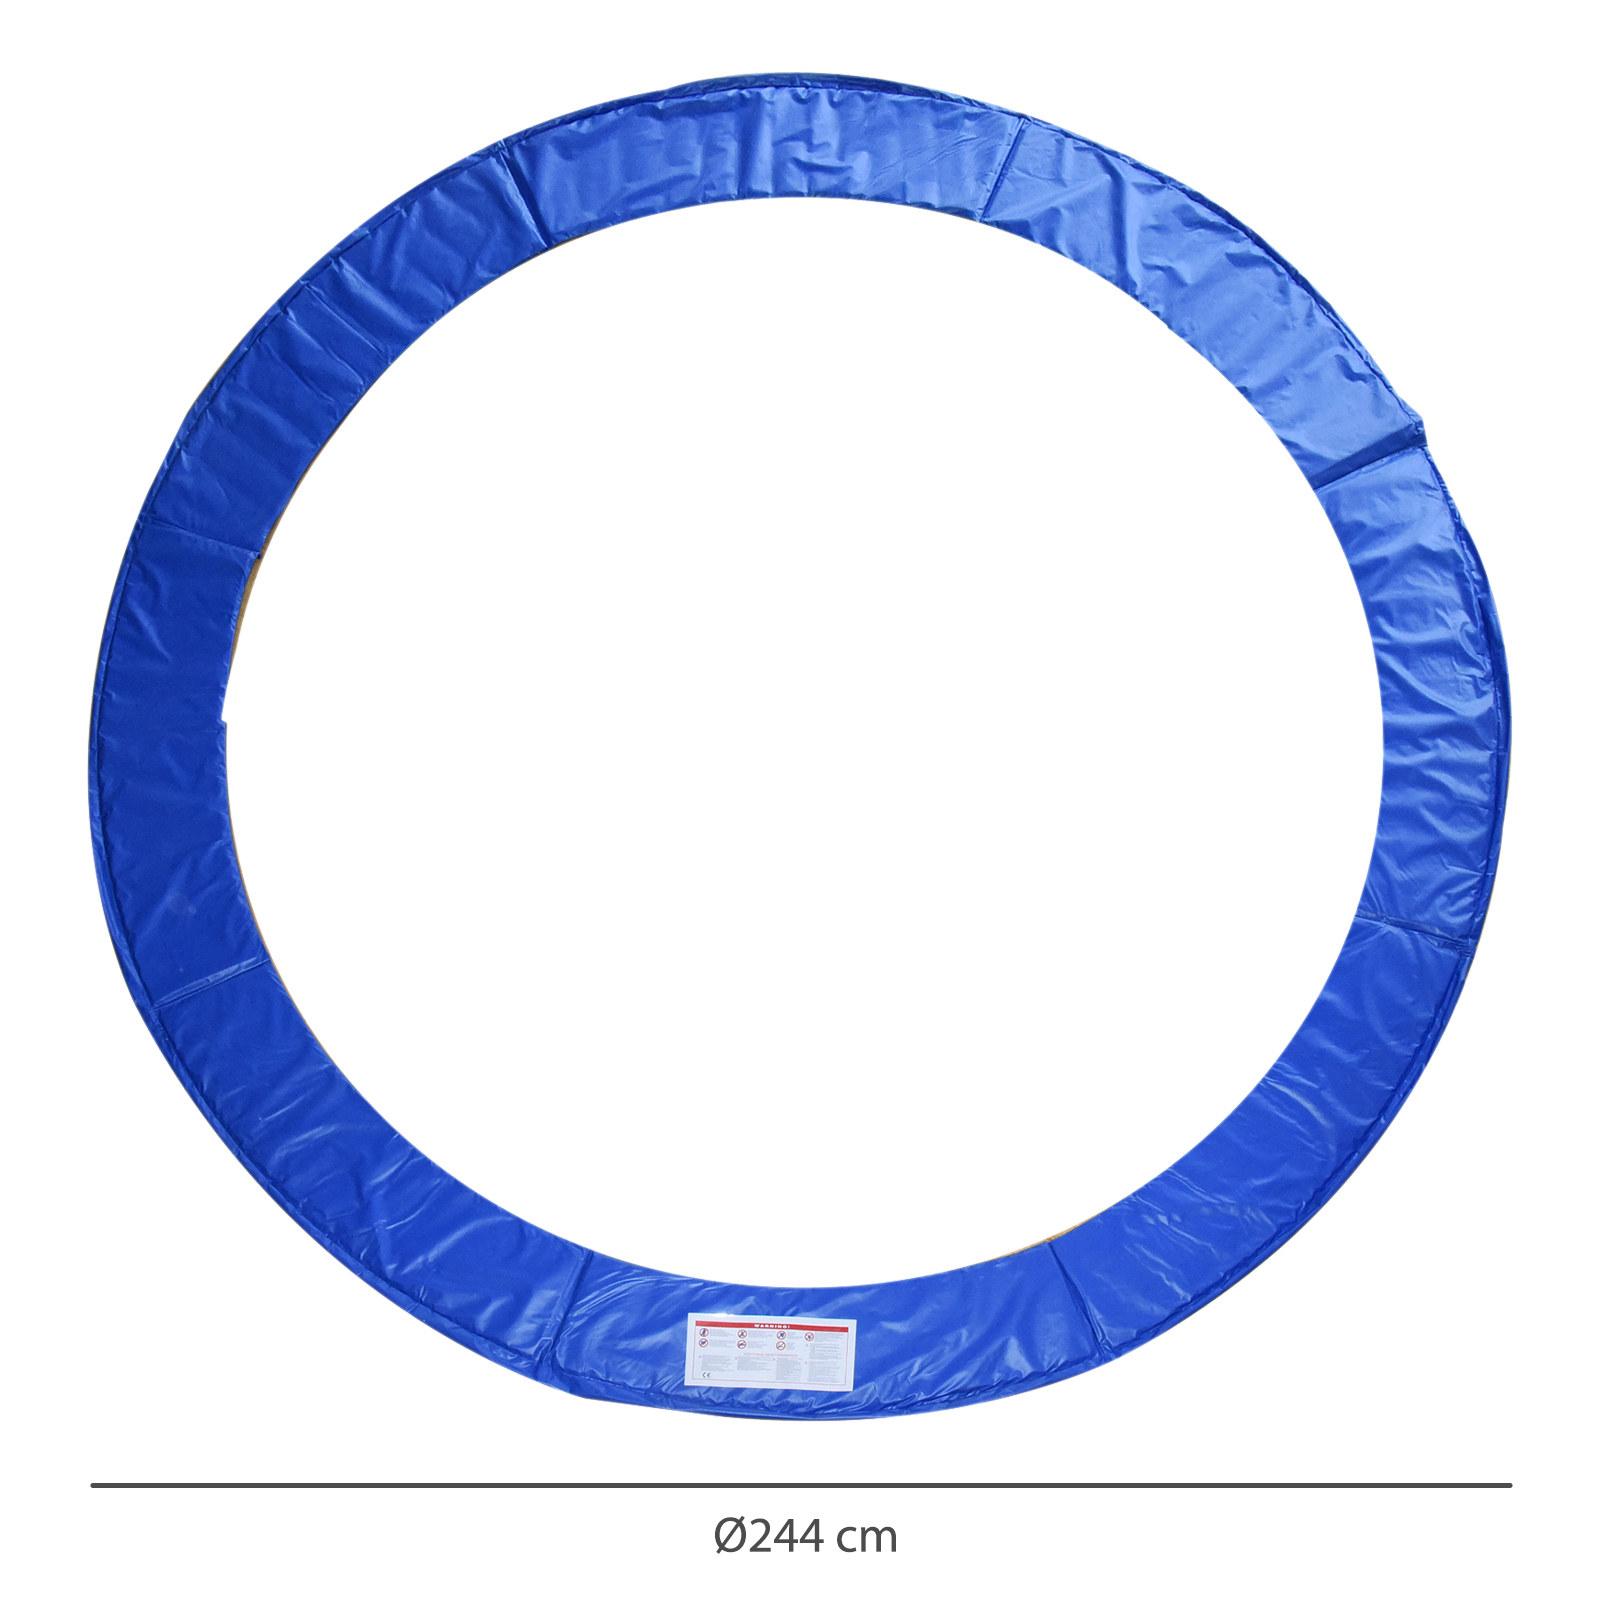 Cubierta-Protectora-para-Borde-de-Cama-Elastica-Trampolin-3-Medidas-Opcionales miniatura 8